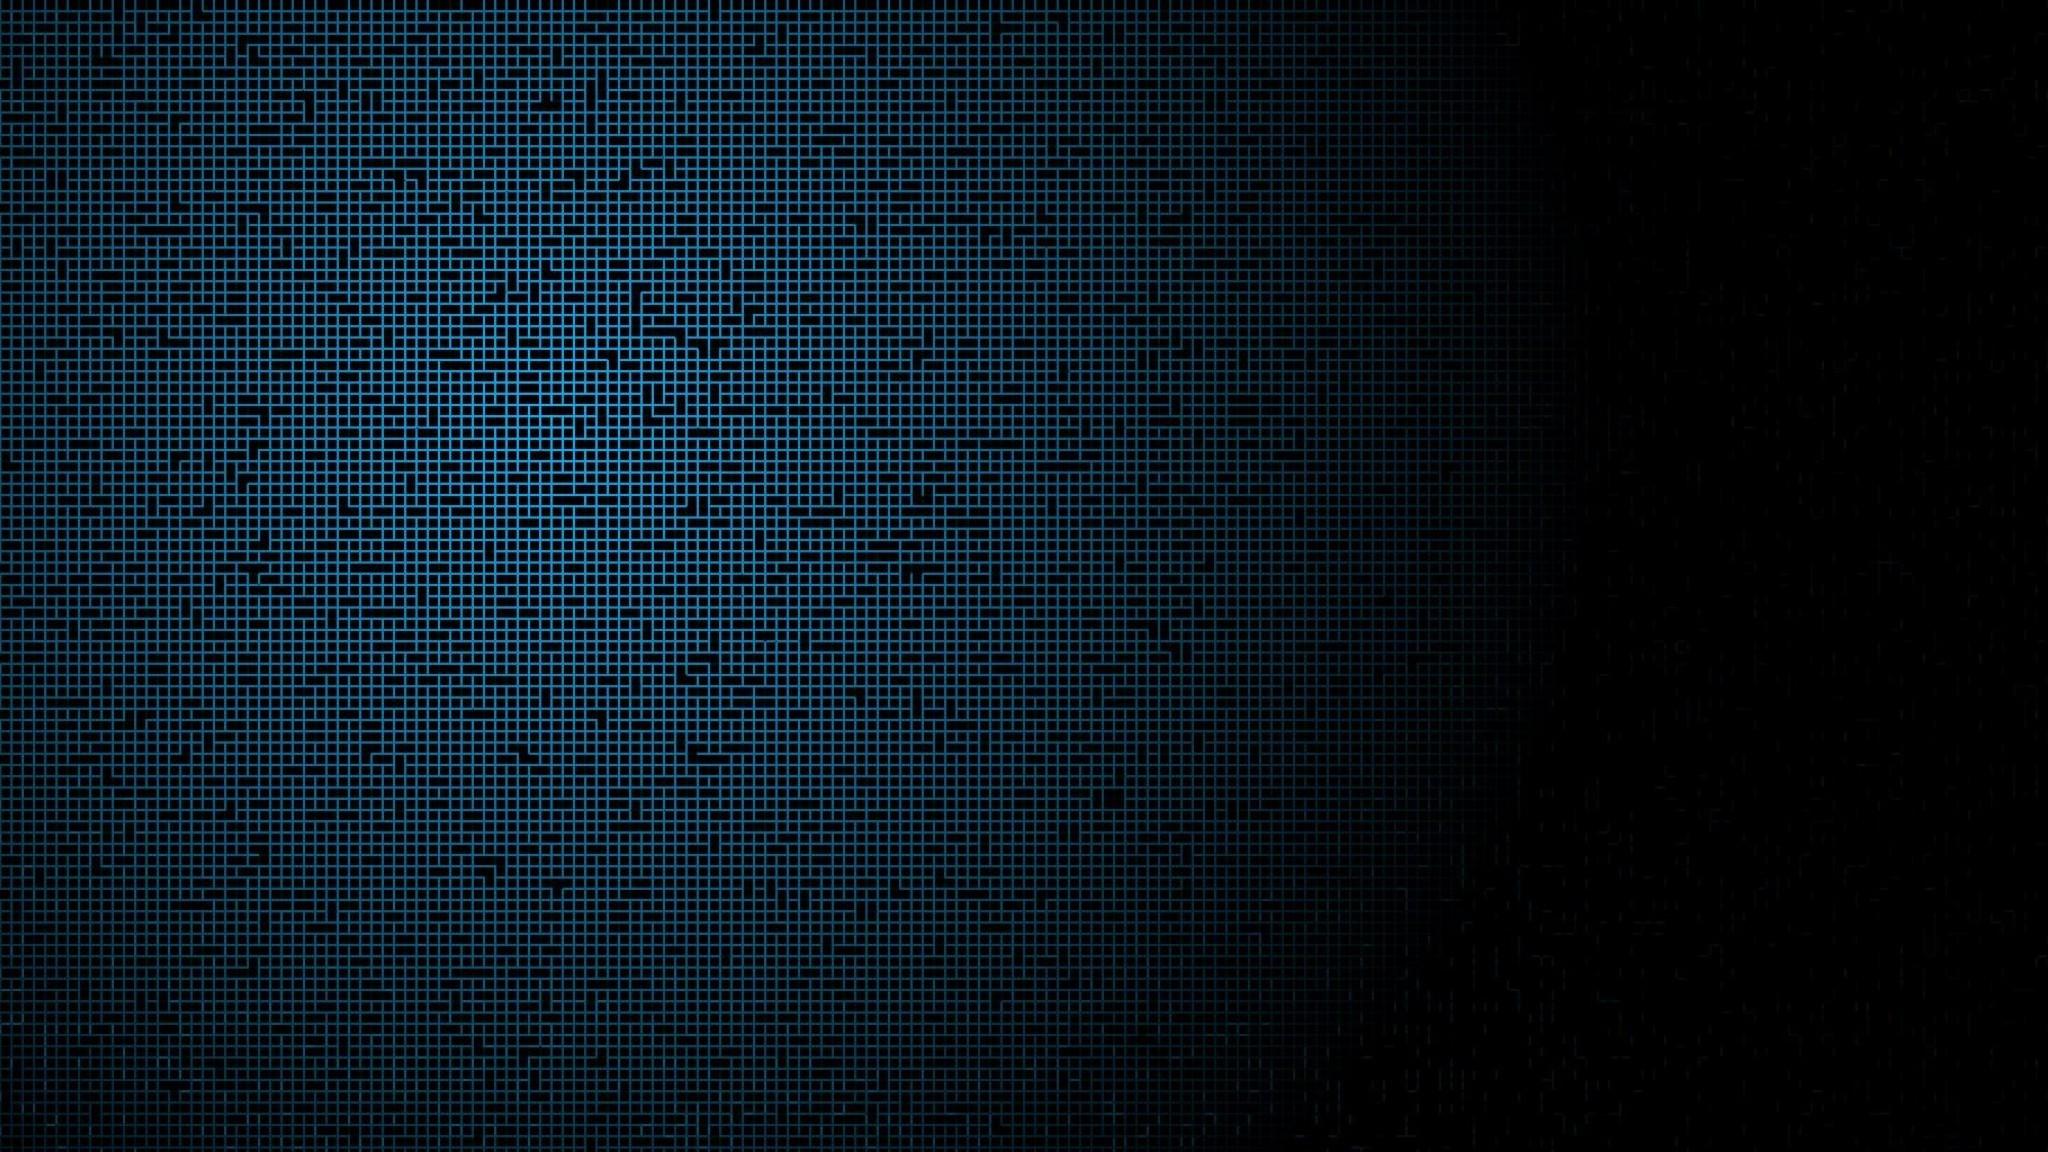 Pixel Wallpapers - WallpaperSafari